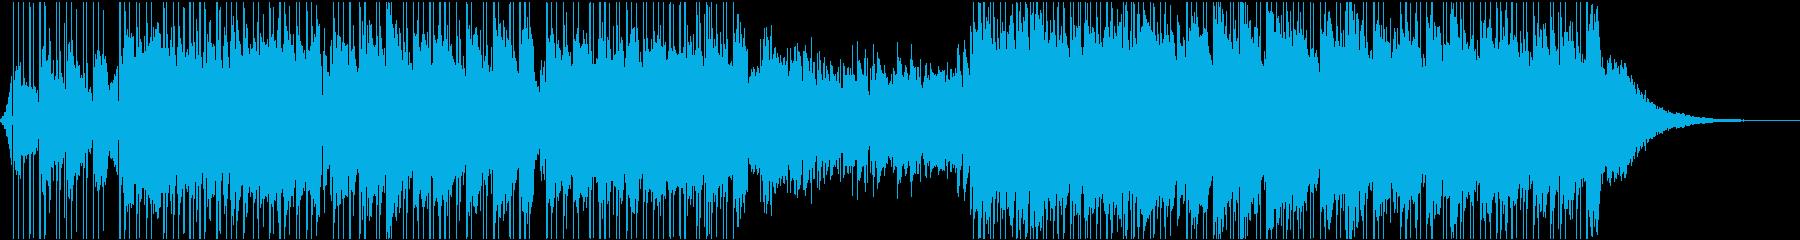 ポップ ロック 感情的 バラード ...の再生済みの波形